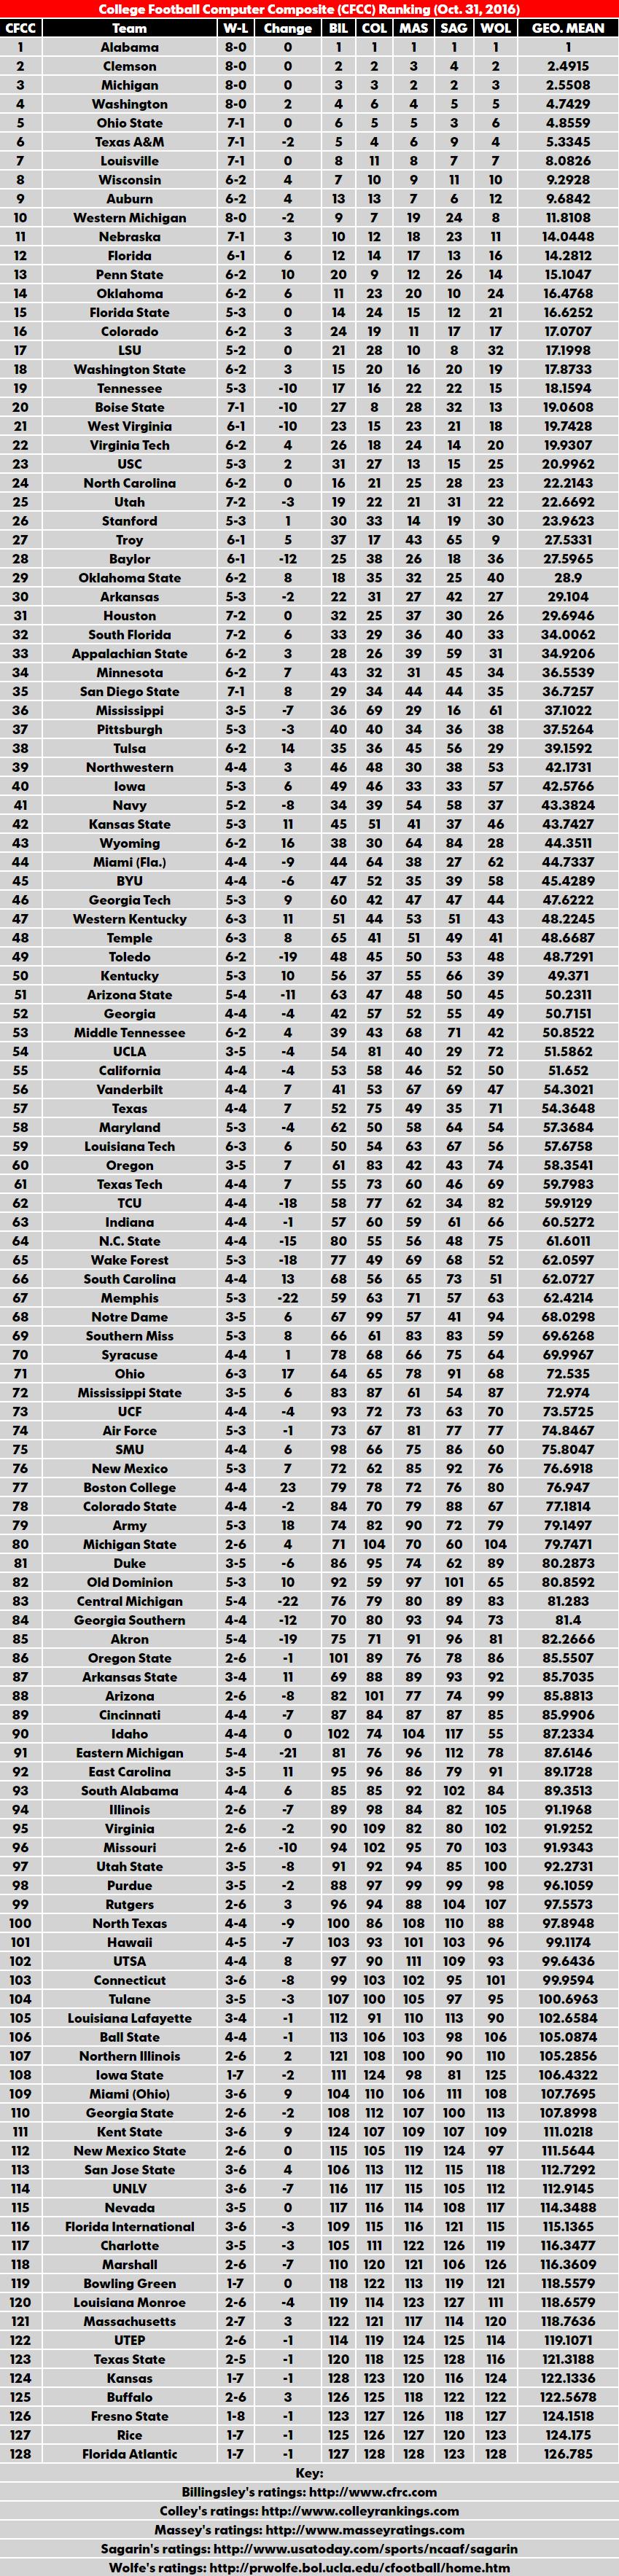 nacc sports bcs polls